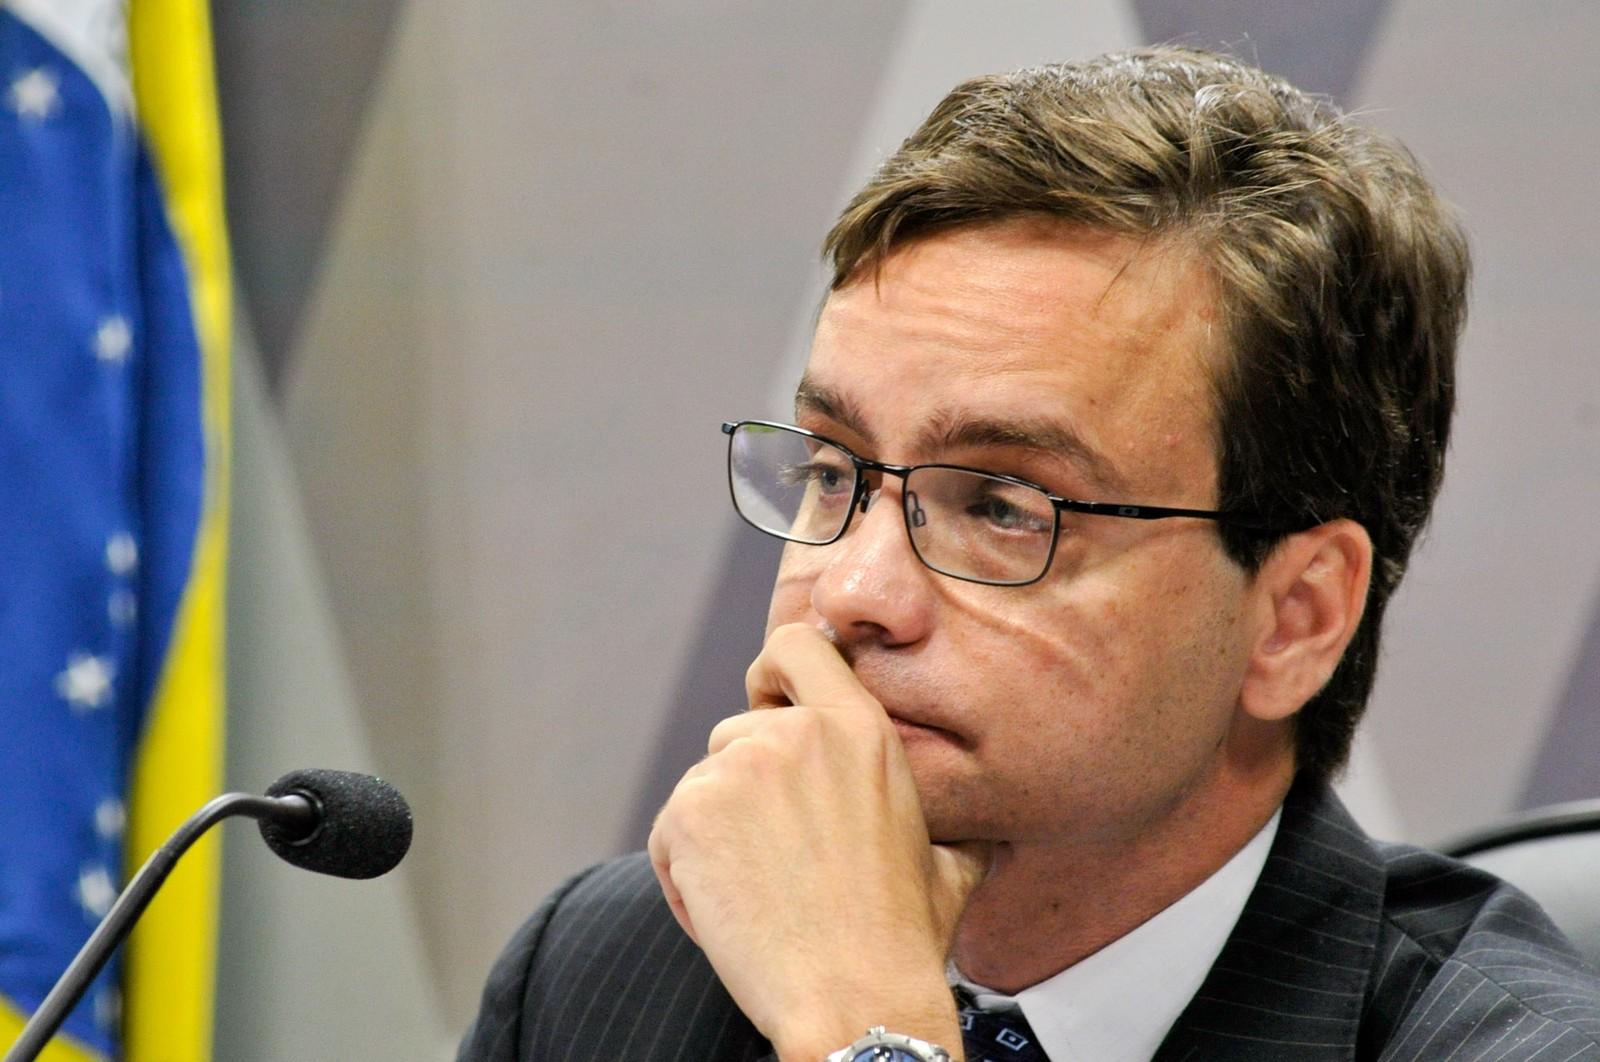 Após polêmicas, ministra de Direitos Humanos deixa o cargo